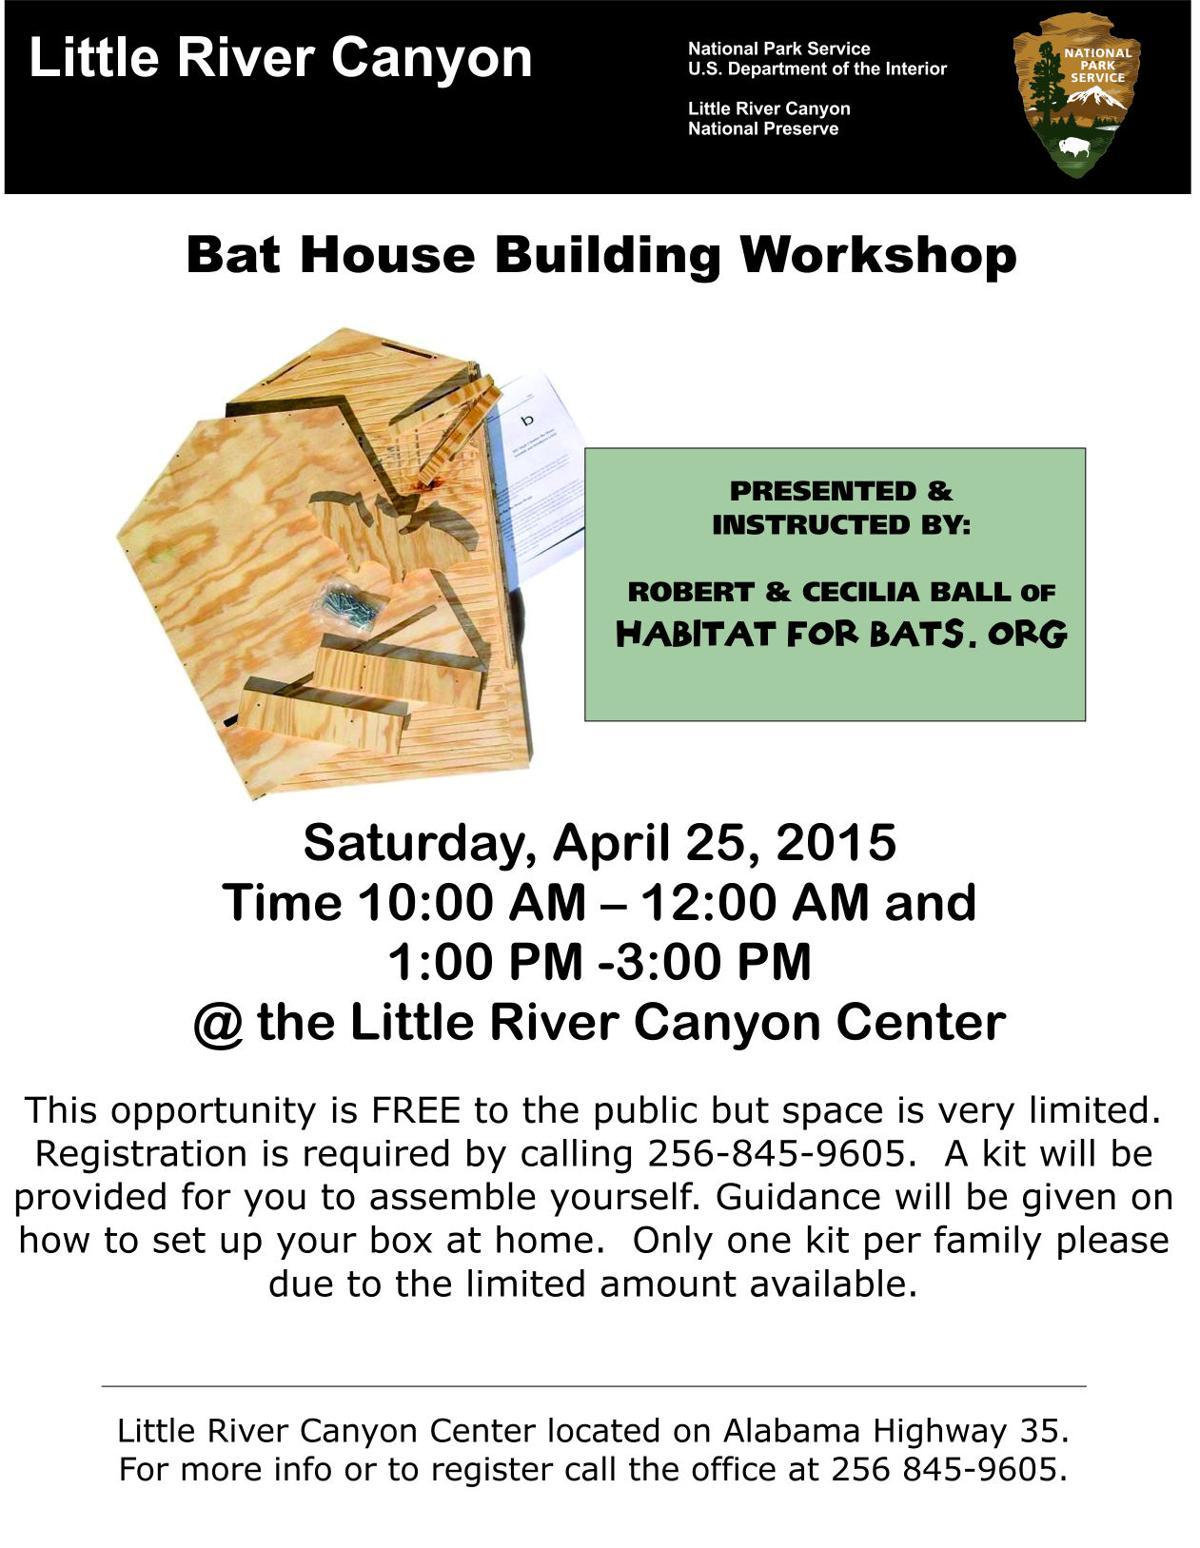 Little River Canyon bat house building workshop